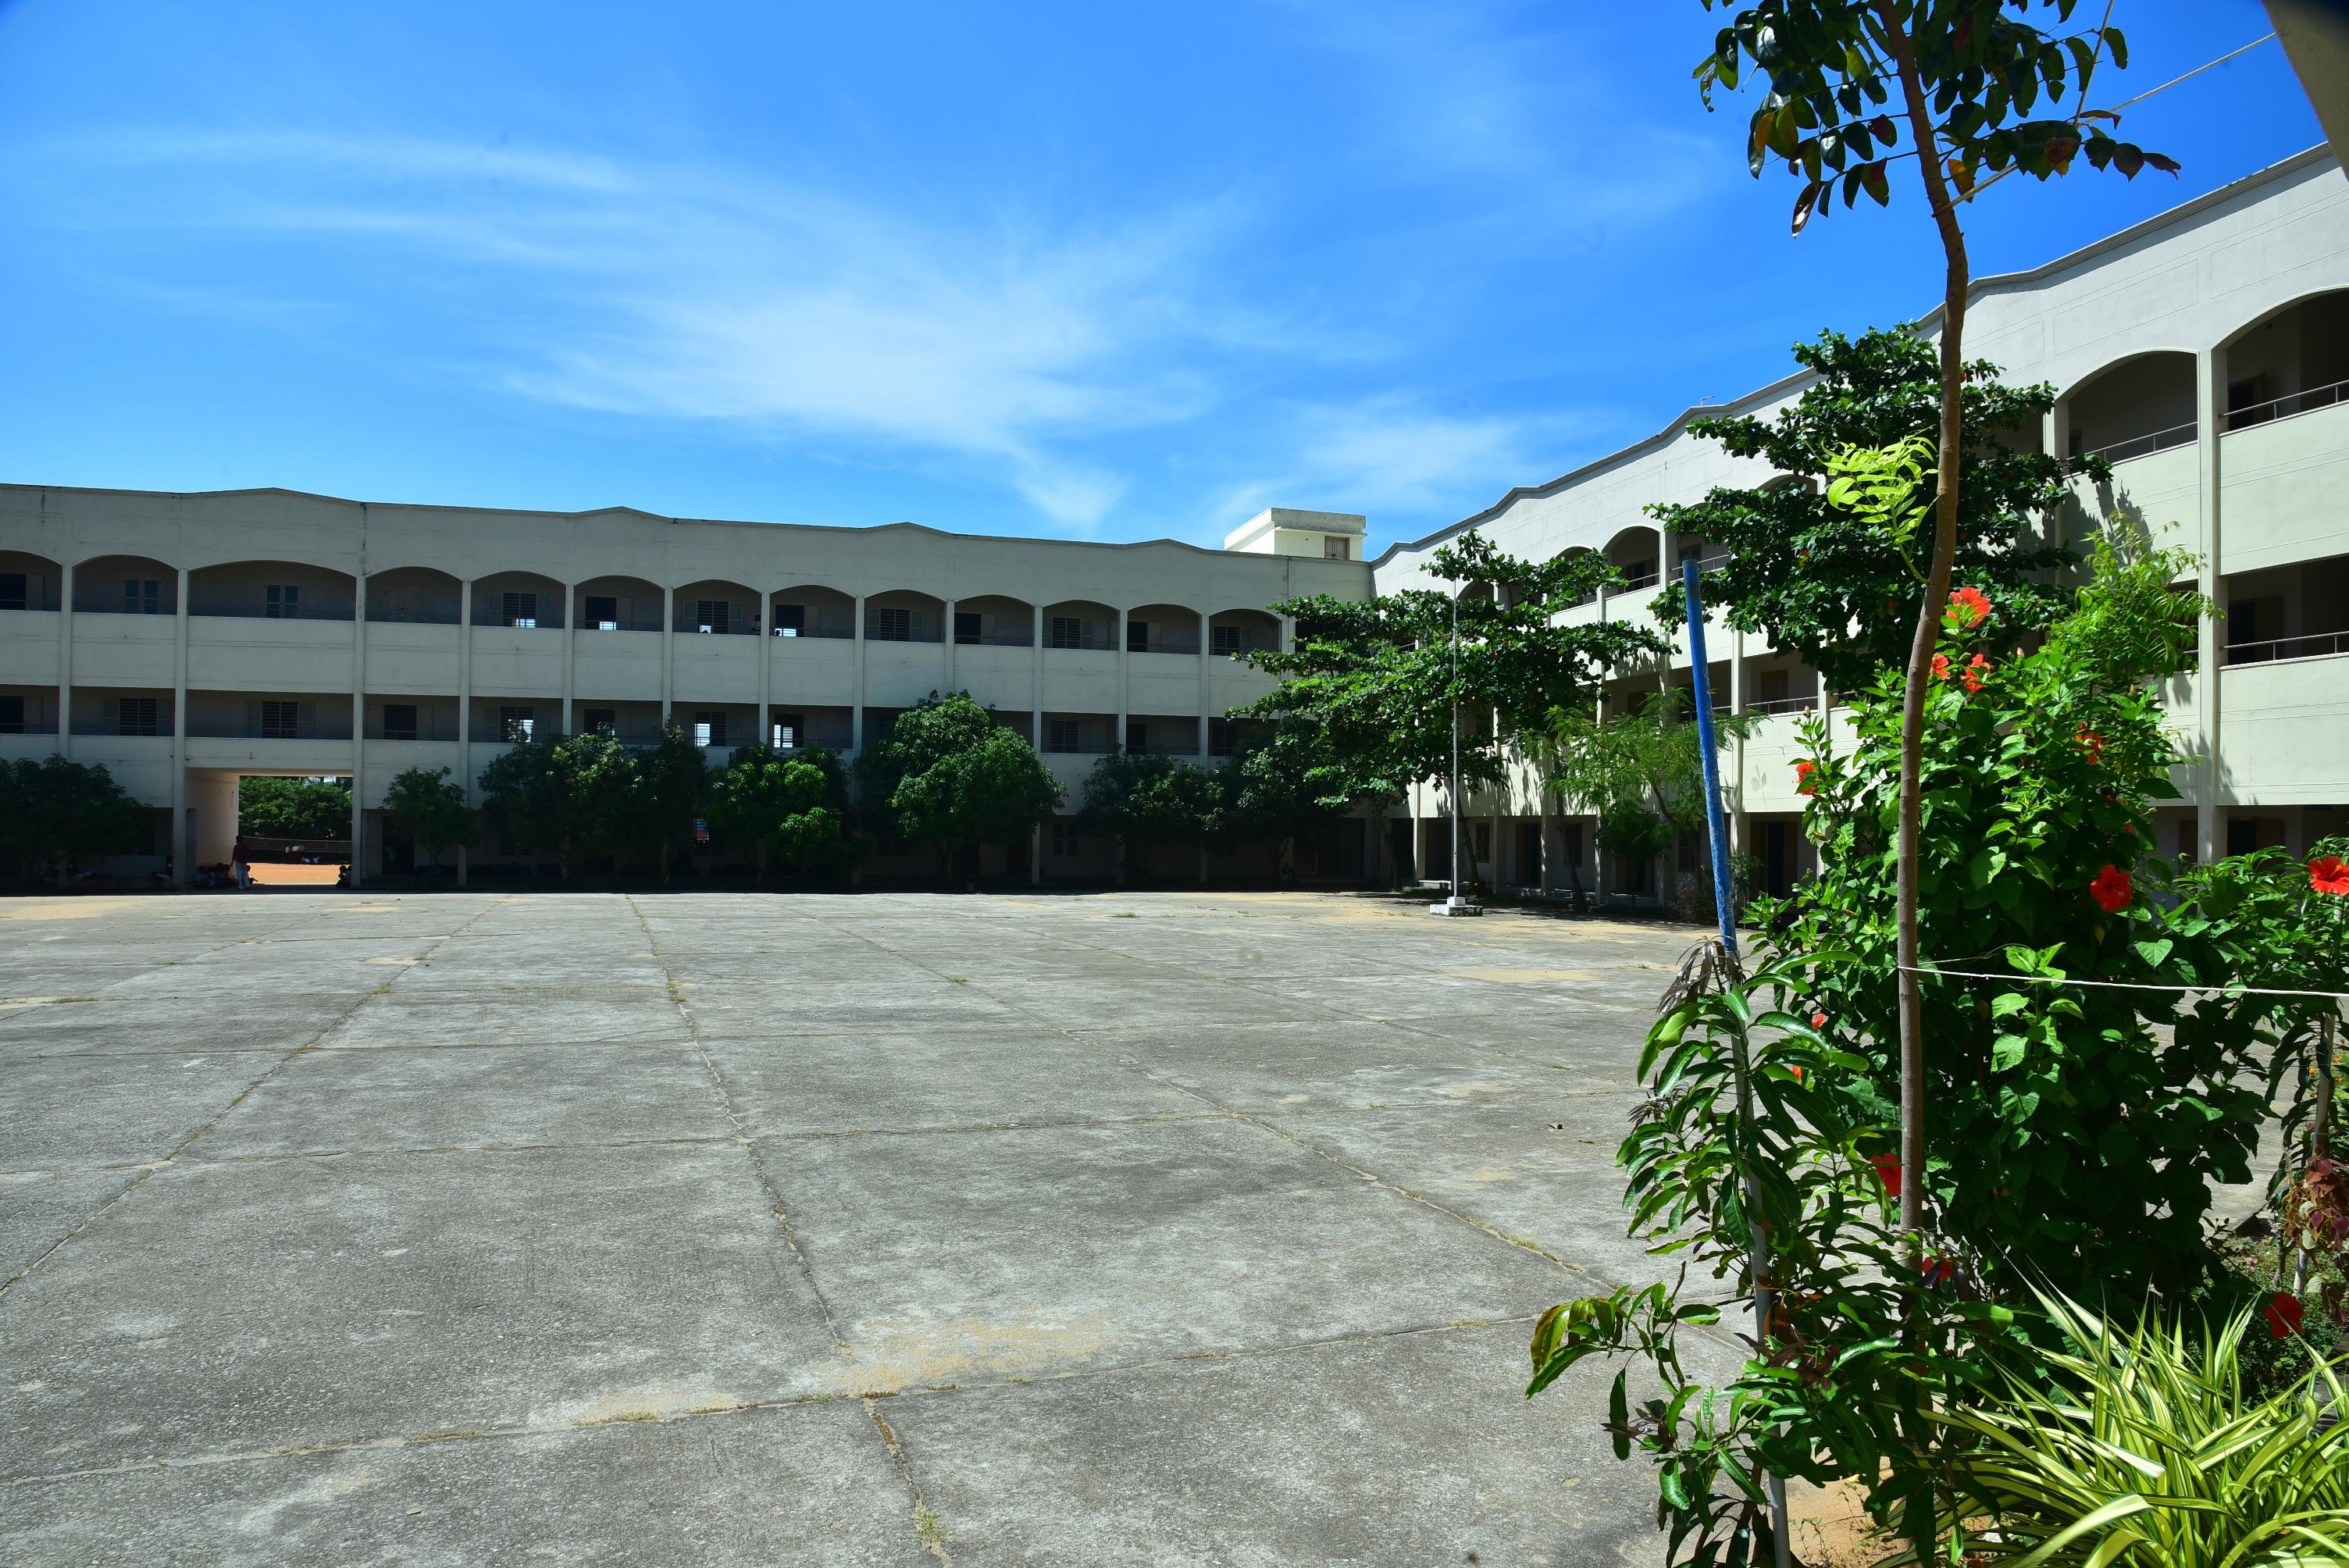 Bapuji Memorial College of Education, Kanyakumari